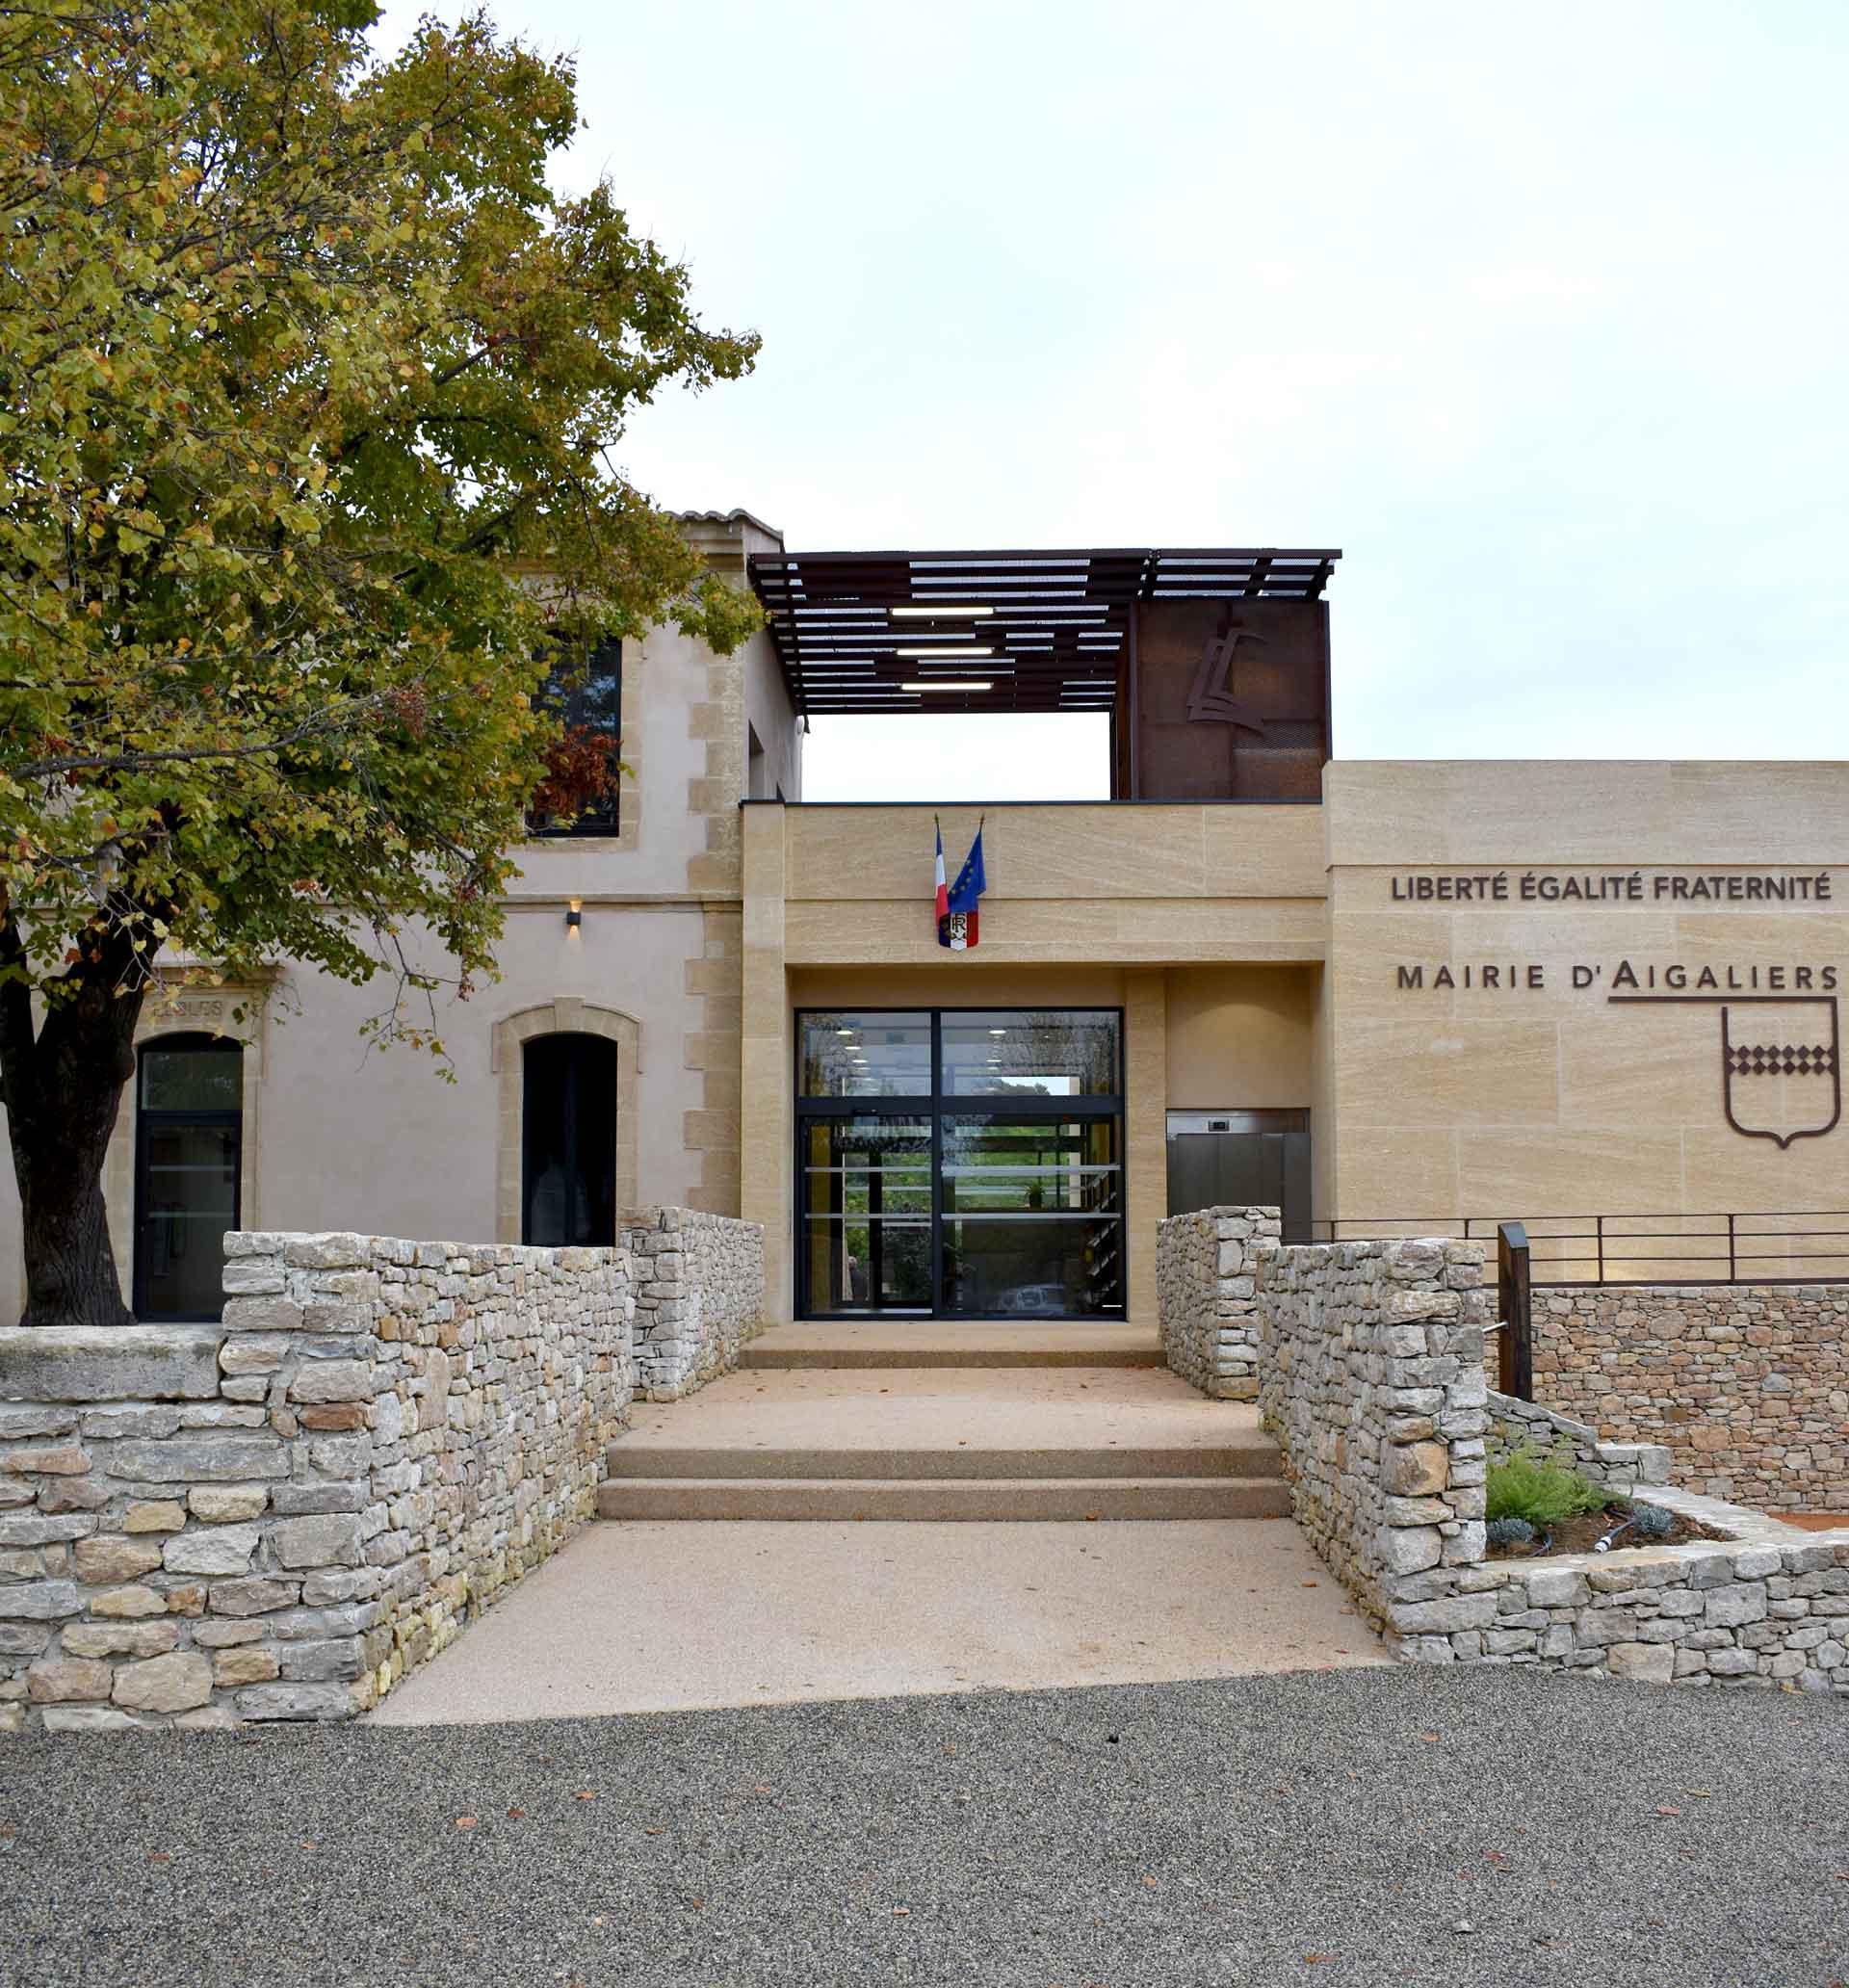 Inauguration de la Mairie et bibliothèque d'Aigaliers